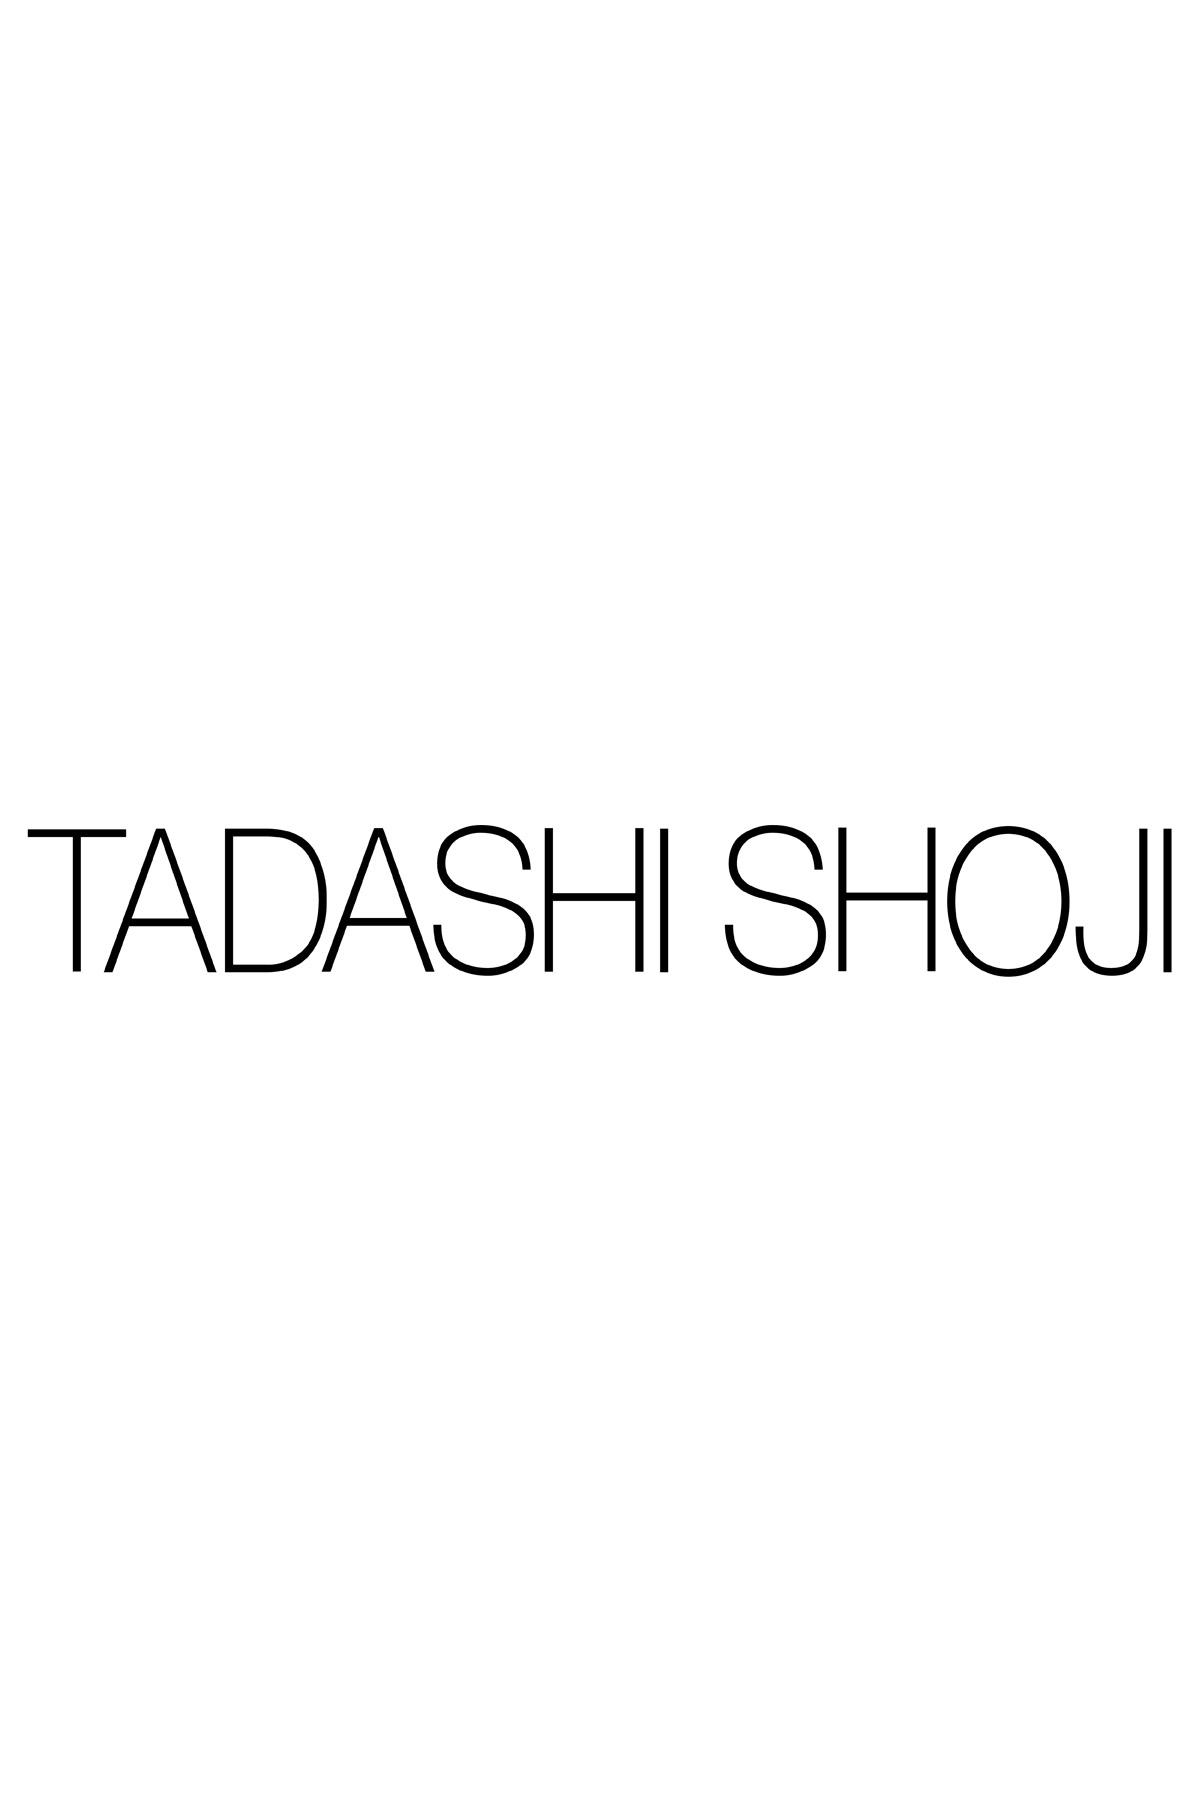 Tadashi Shoji - Sheer Lace Bolero - Detail